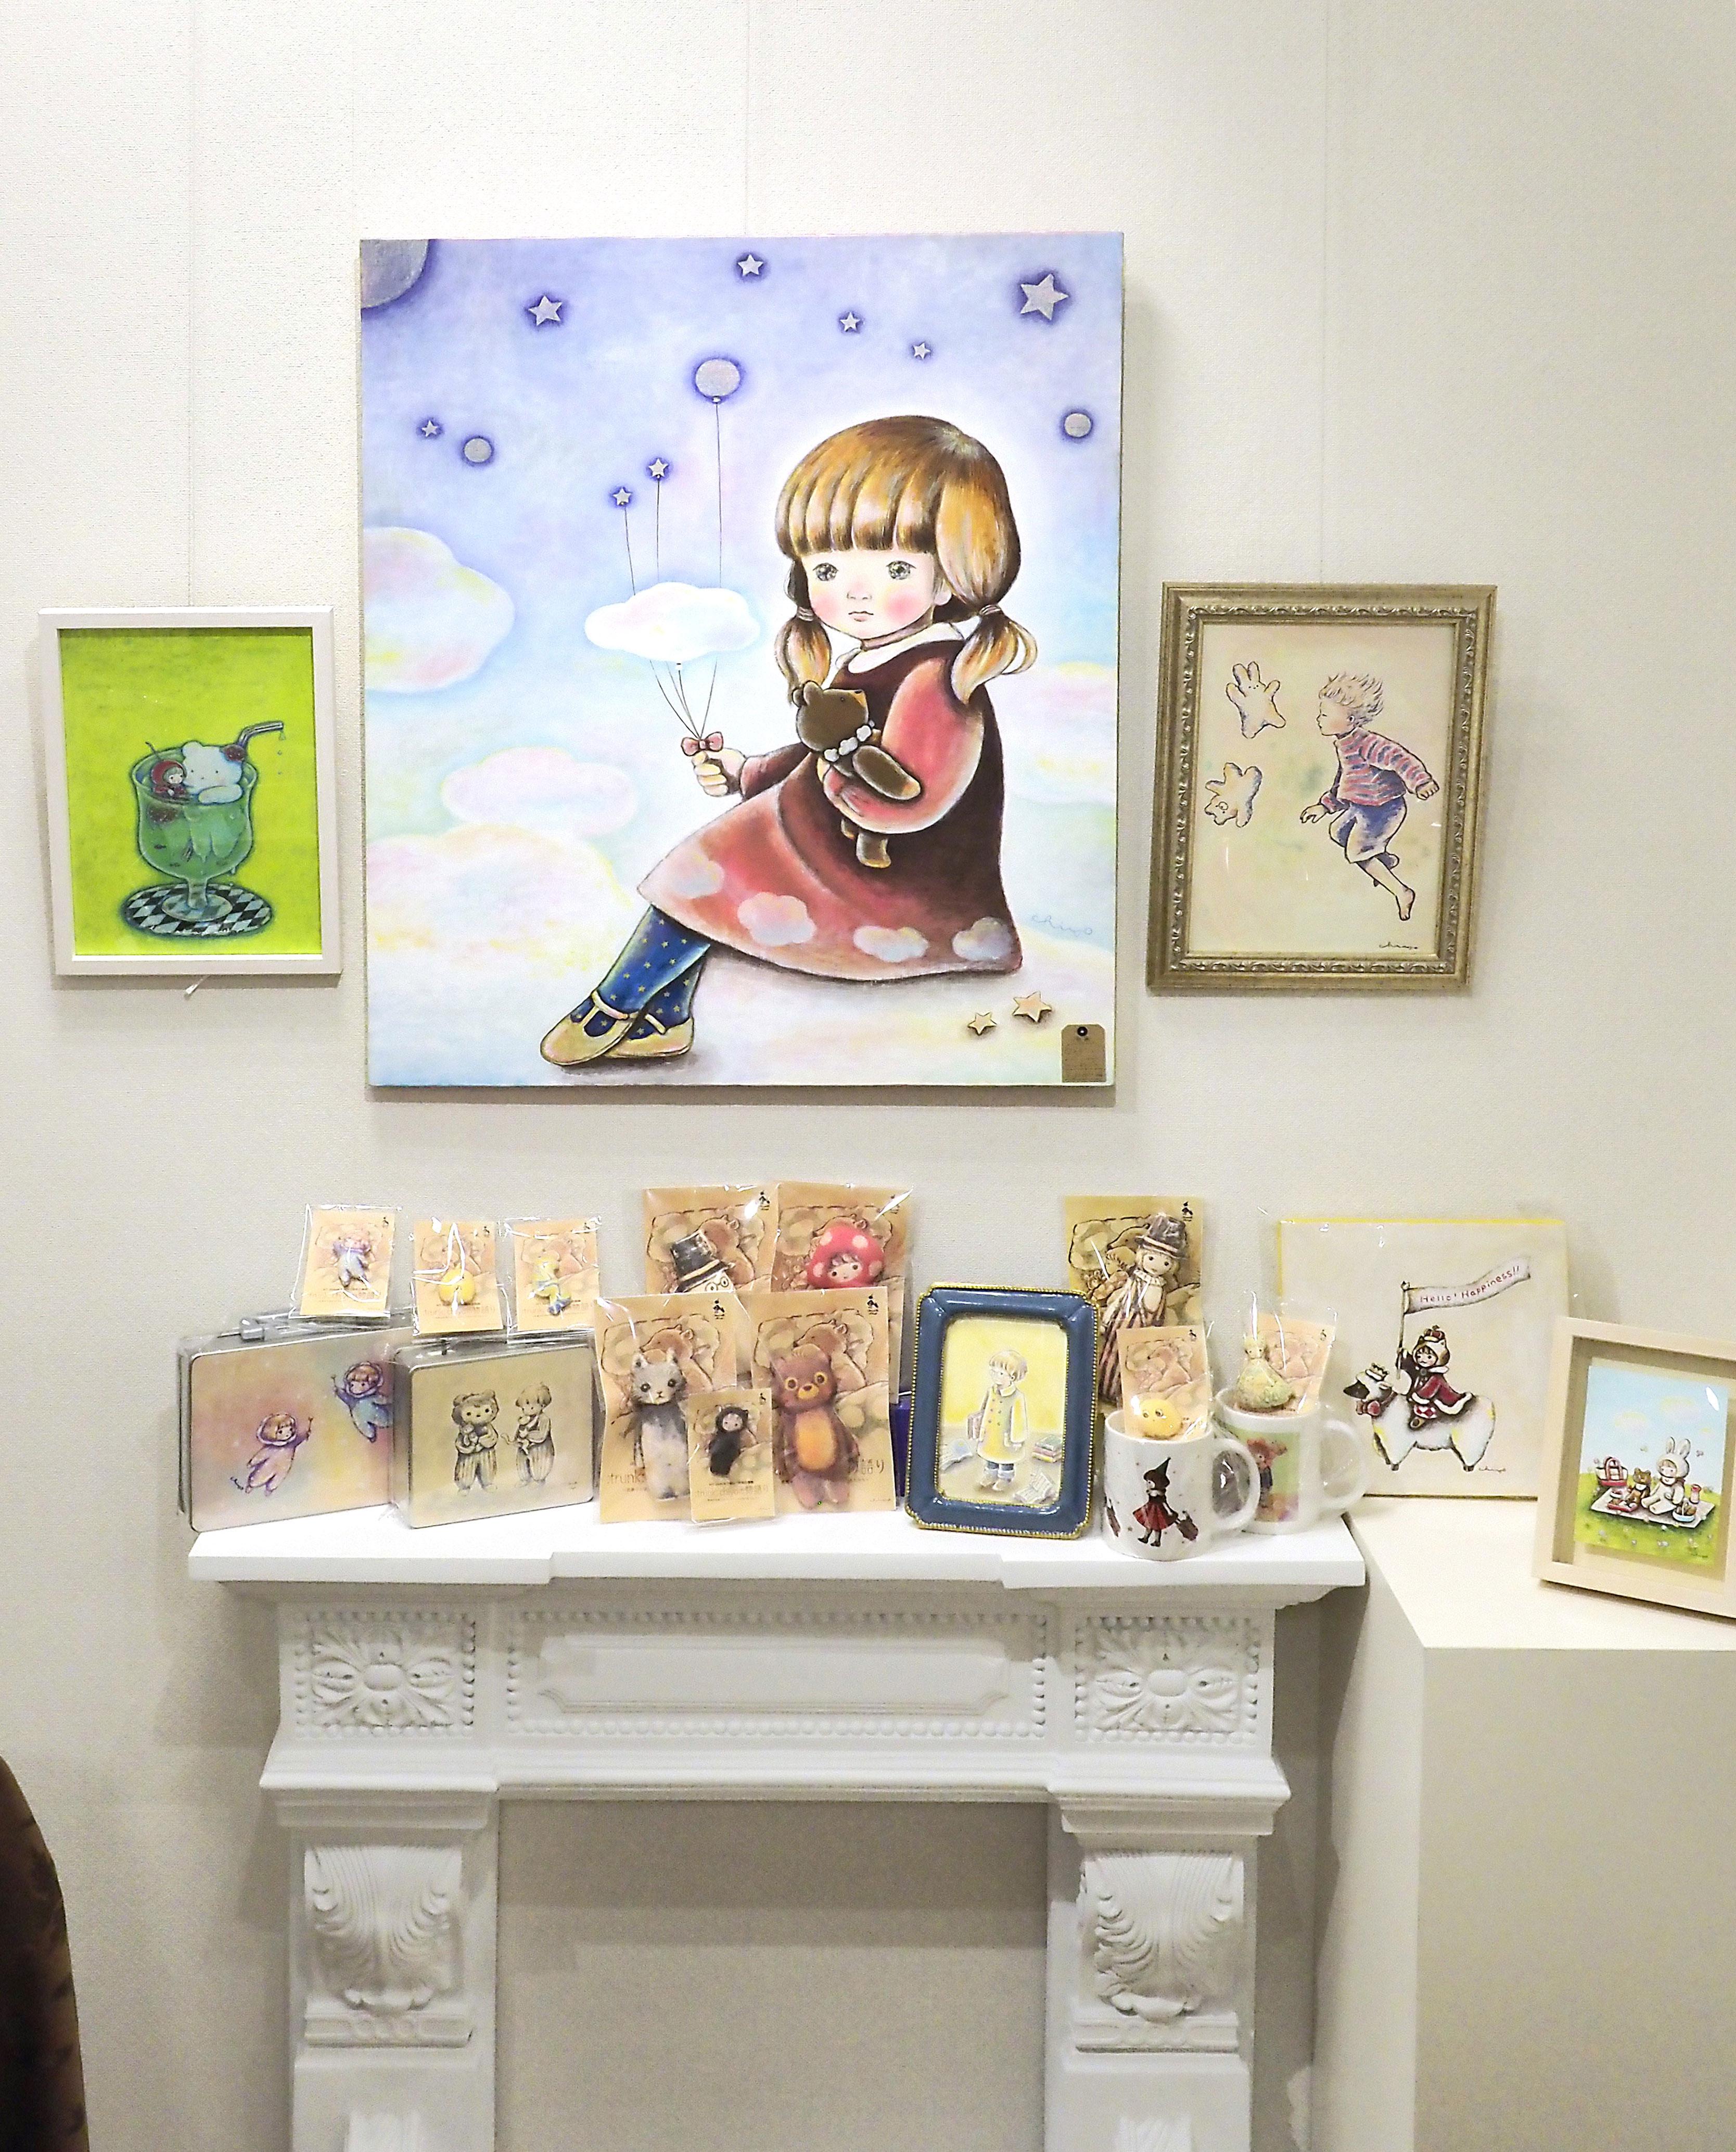 【鹿児島市】art space haru1周年企画展「:frunk: chiyo の物語〜世界中を旅するトランクケースの中の住人たち」